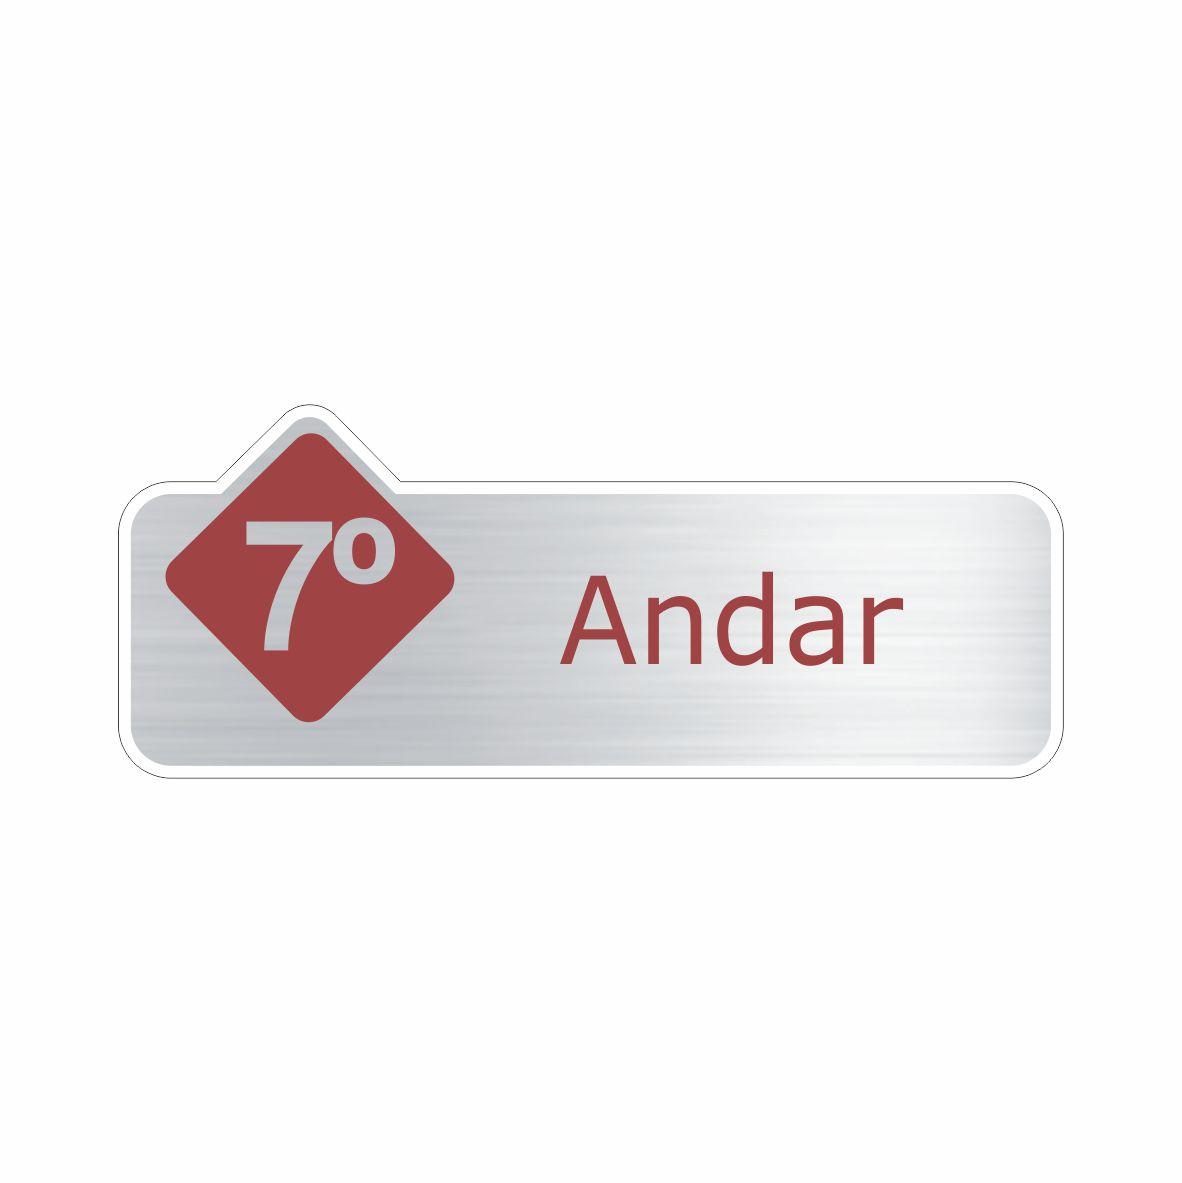 7º Andar  - Towbar Sinalização de Segurança